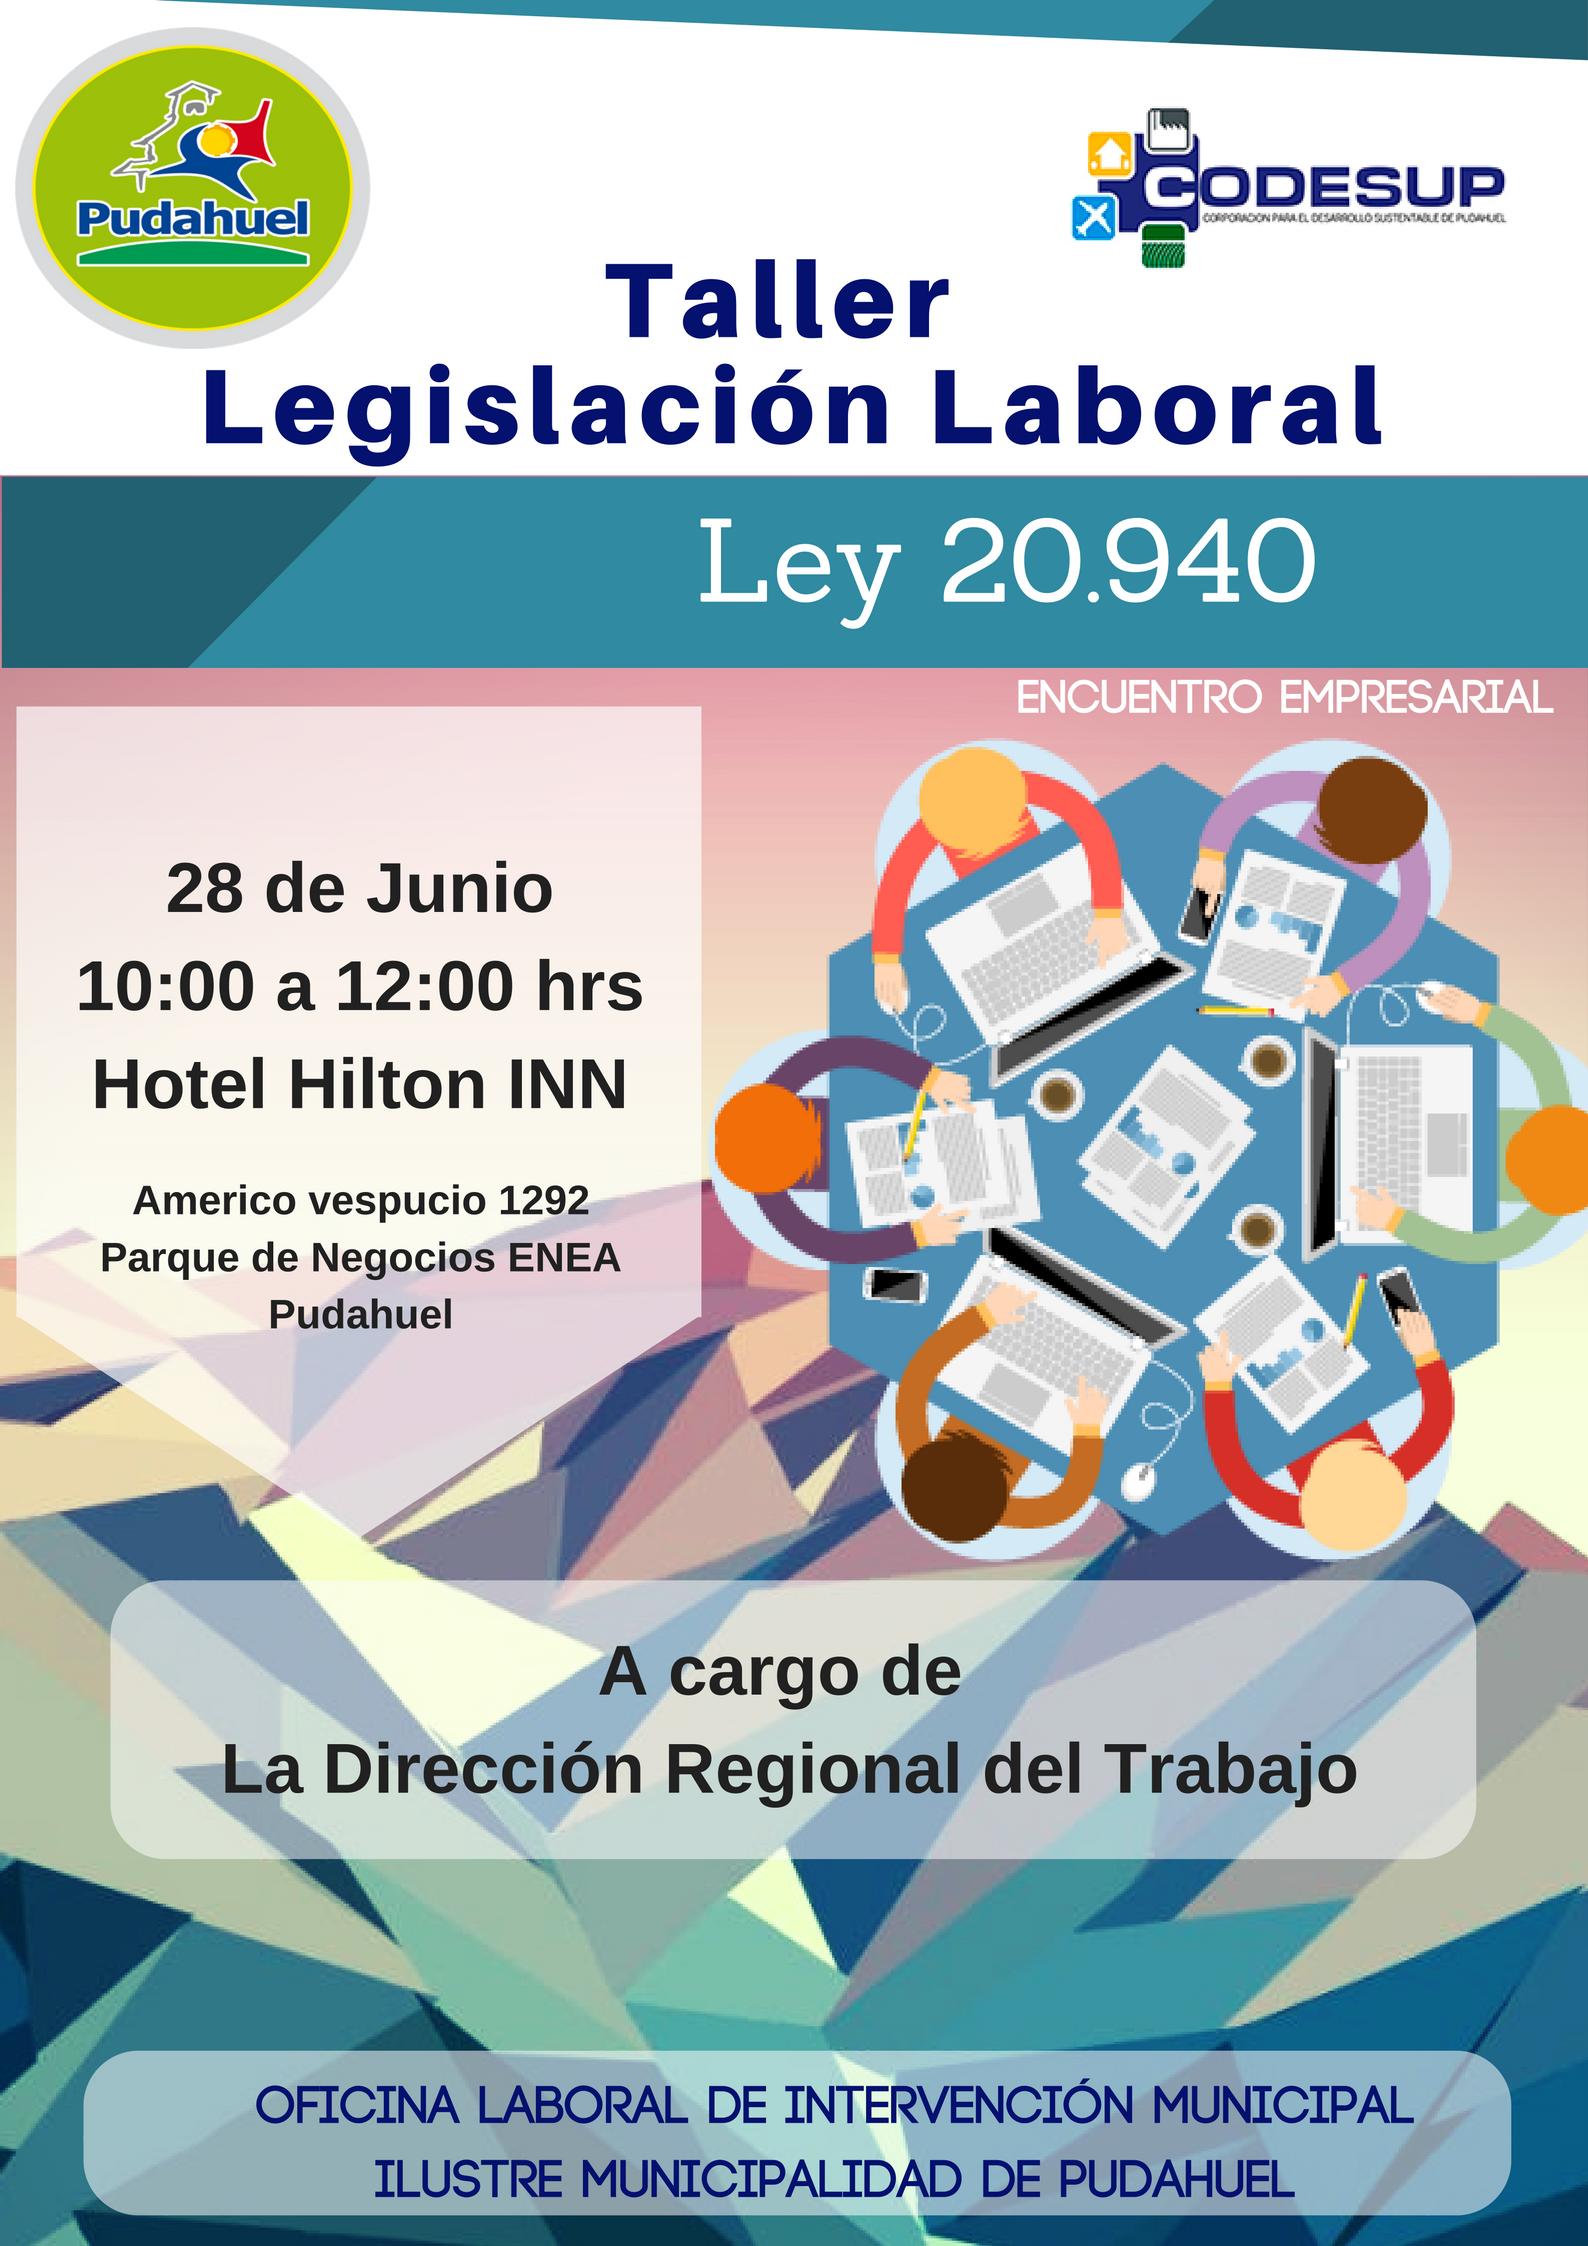 Junto_con_saludar,_tengo_el_agrado_de_invitarlos_a_participar_en_nuestro_próximo_Encuentro_Empresari